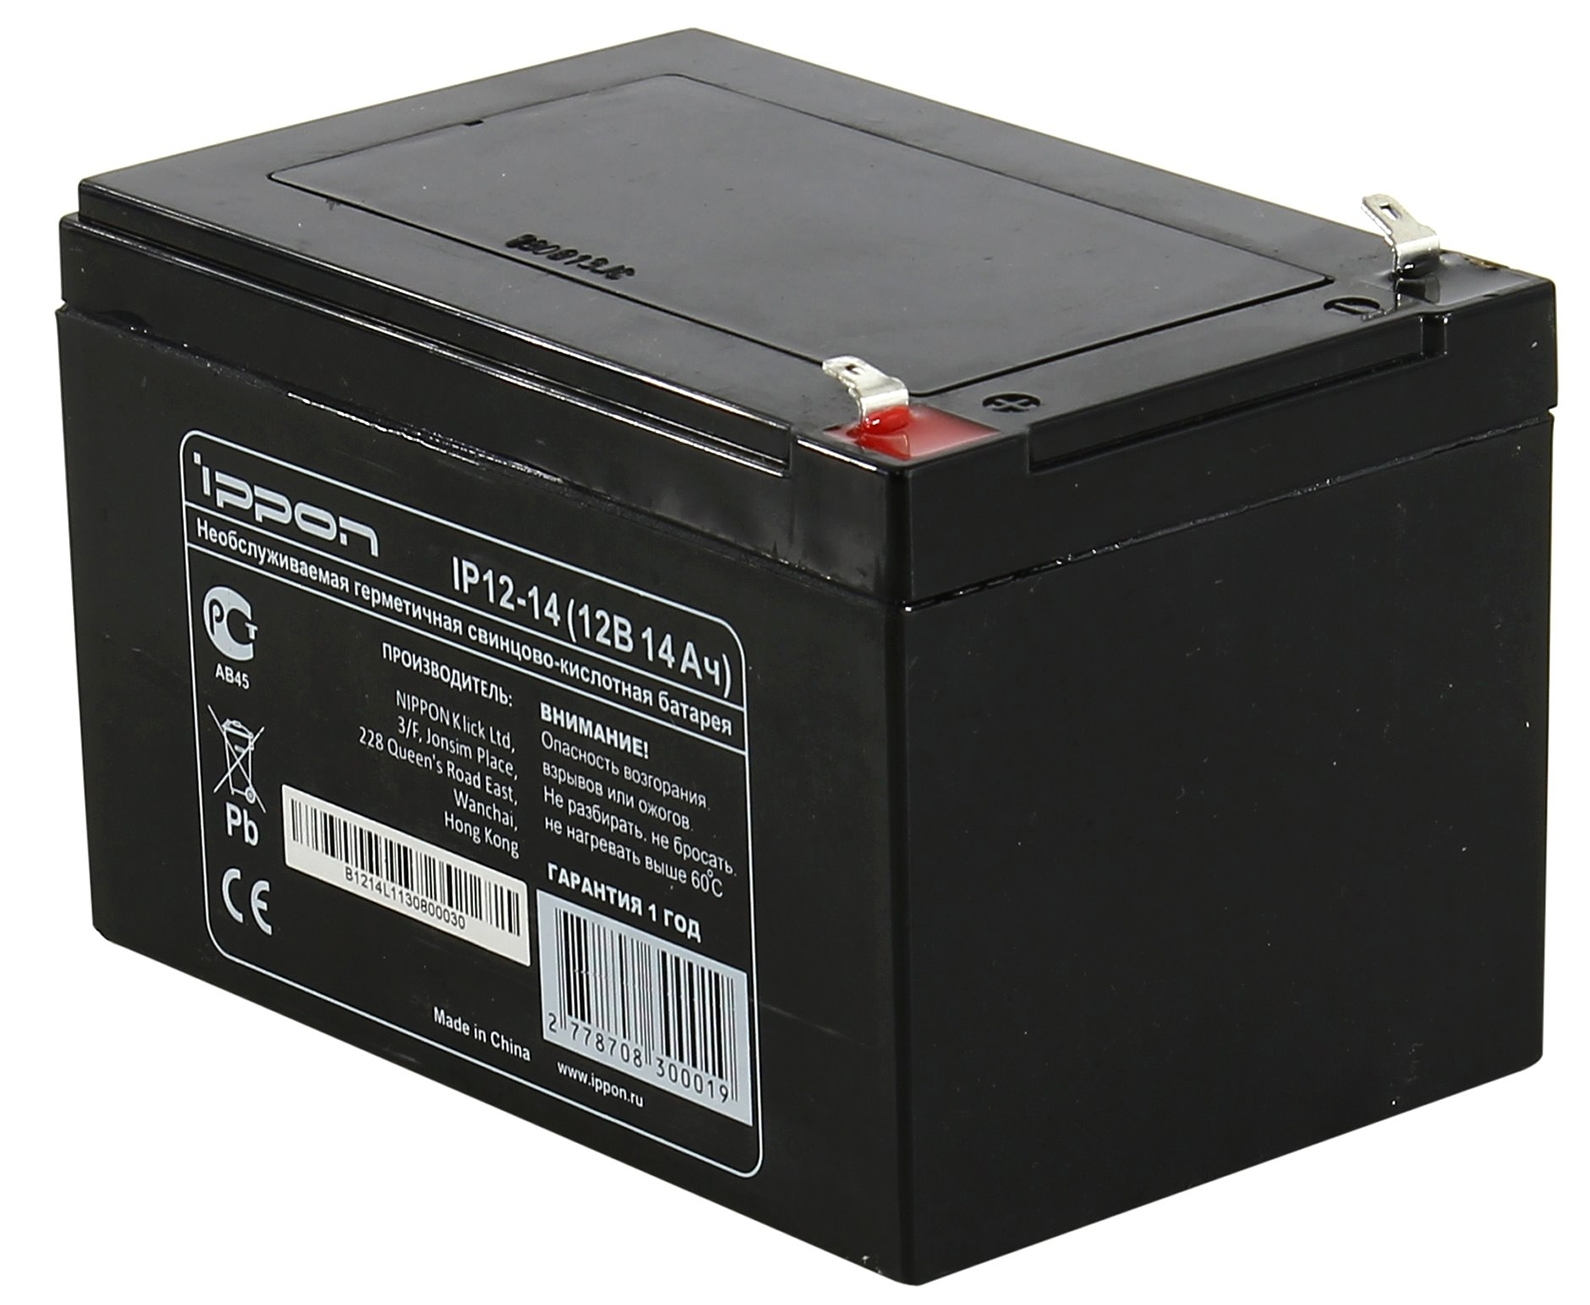 Батарея для ИБП Ippon IP12-14Ippon IP12-14Высокое качество и надежность – главные отличия аккумуляторных батарей IPPON. Они предназначены для обеспечения резервным питанием систем охраны и безопасности, телекоммуникационного оборудования, промышленных объектов широкого назначения, работы в источниках бесперебойного питания.